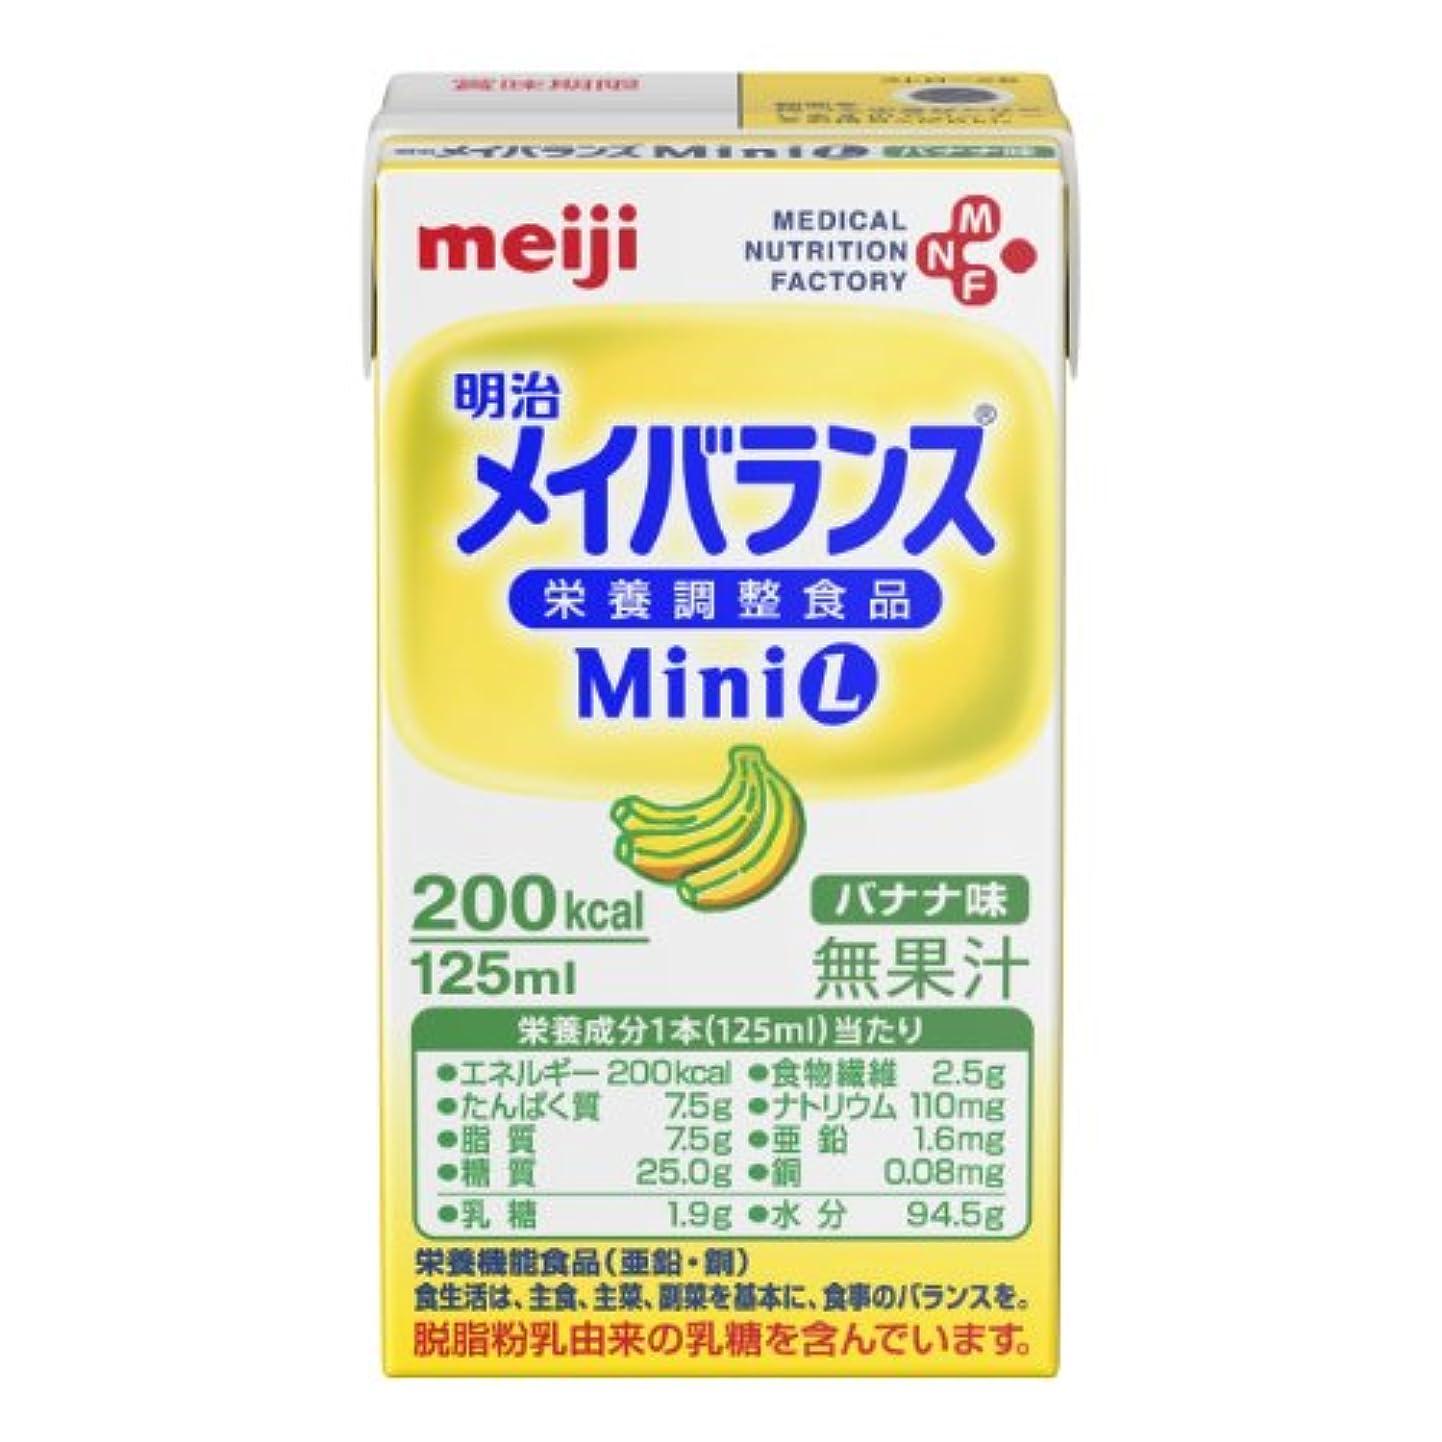 【明治】メイバランス Mini バナナ味 125ml